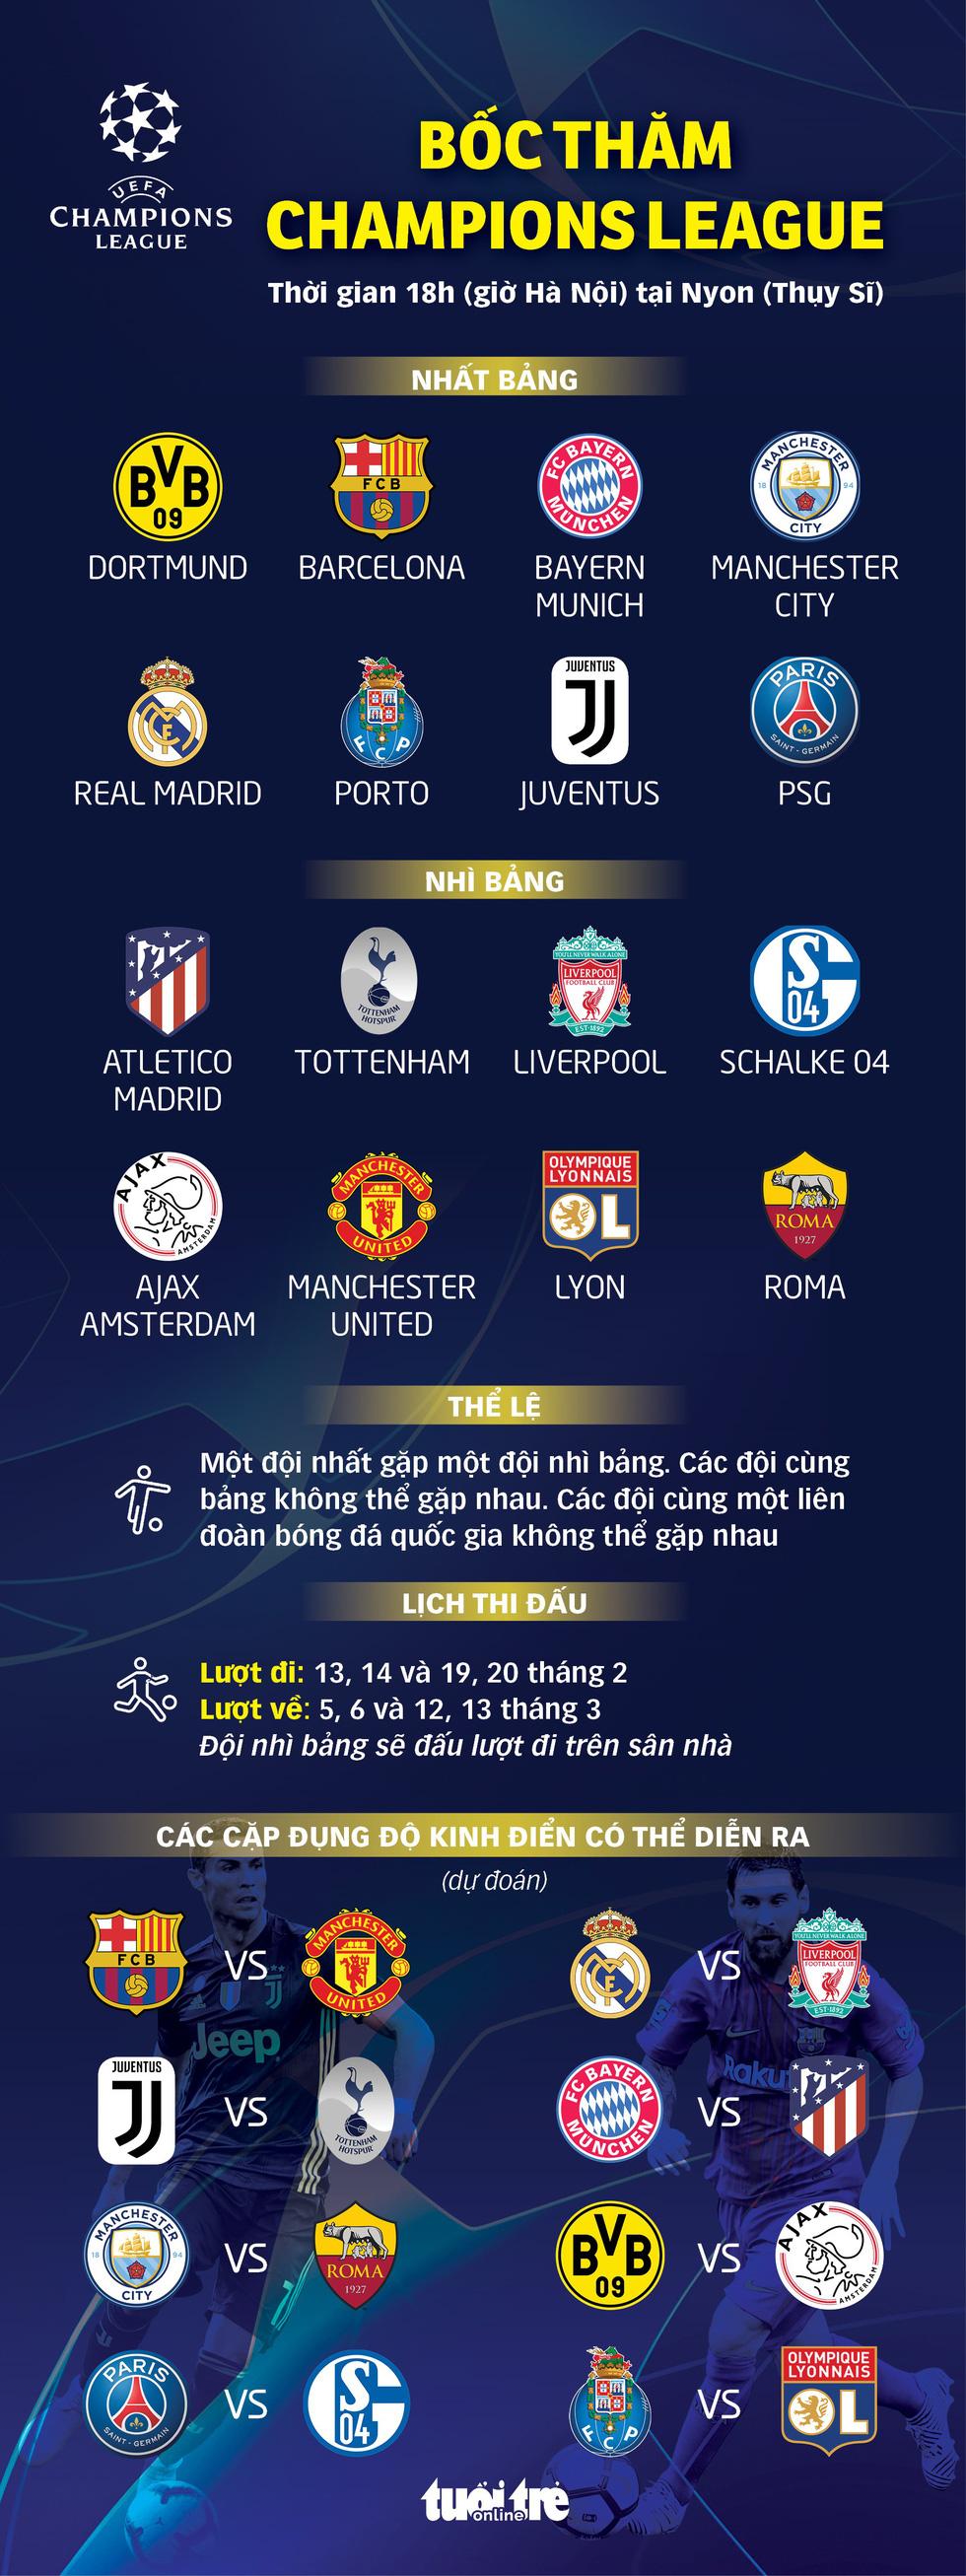 Bốc thăm vòng 16 đội Champions League: Chờ những cuộc đối đầu nảy lửa - Ảnh 1.